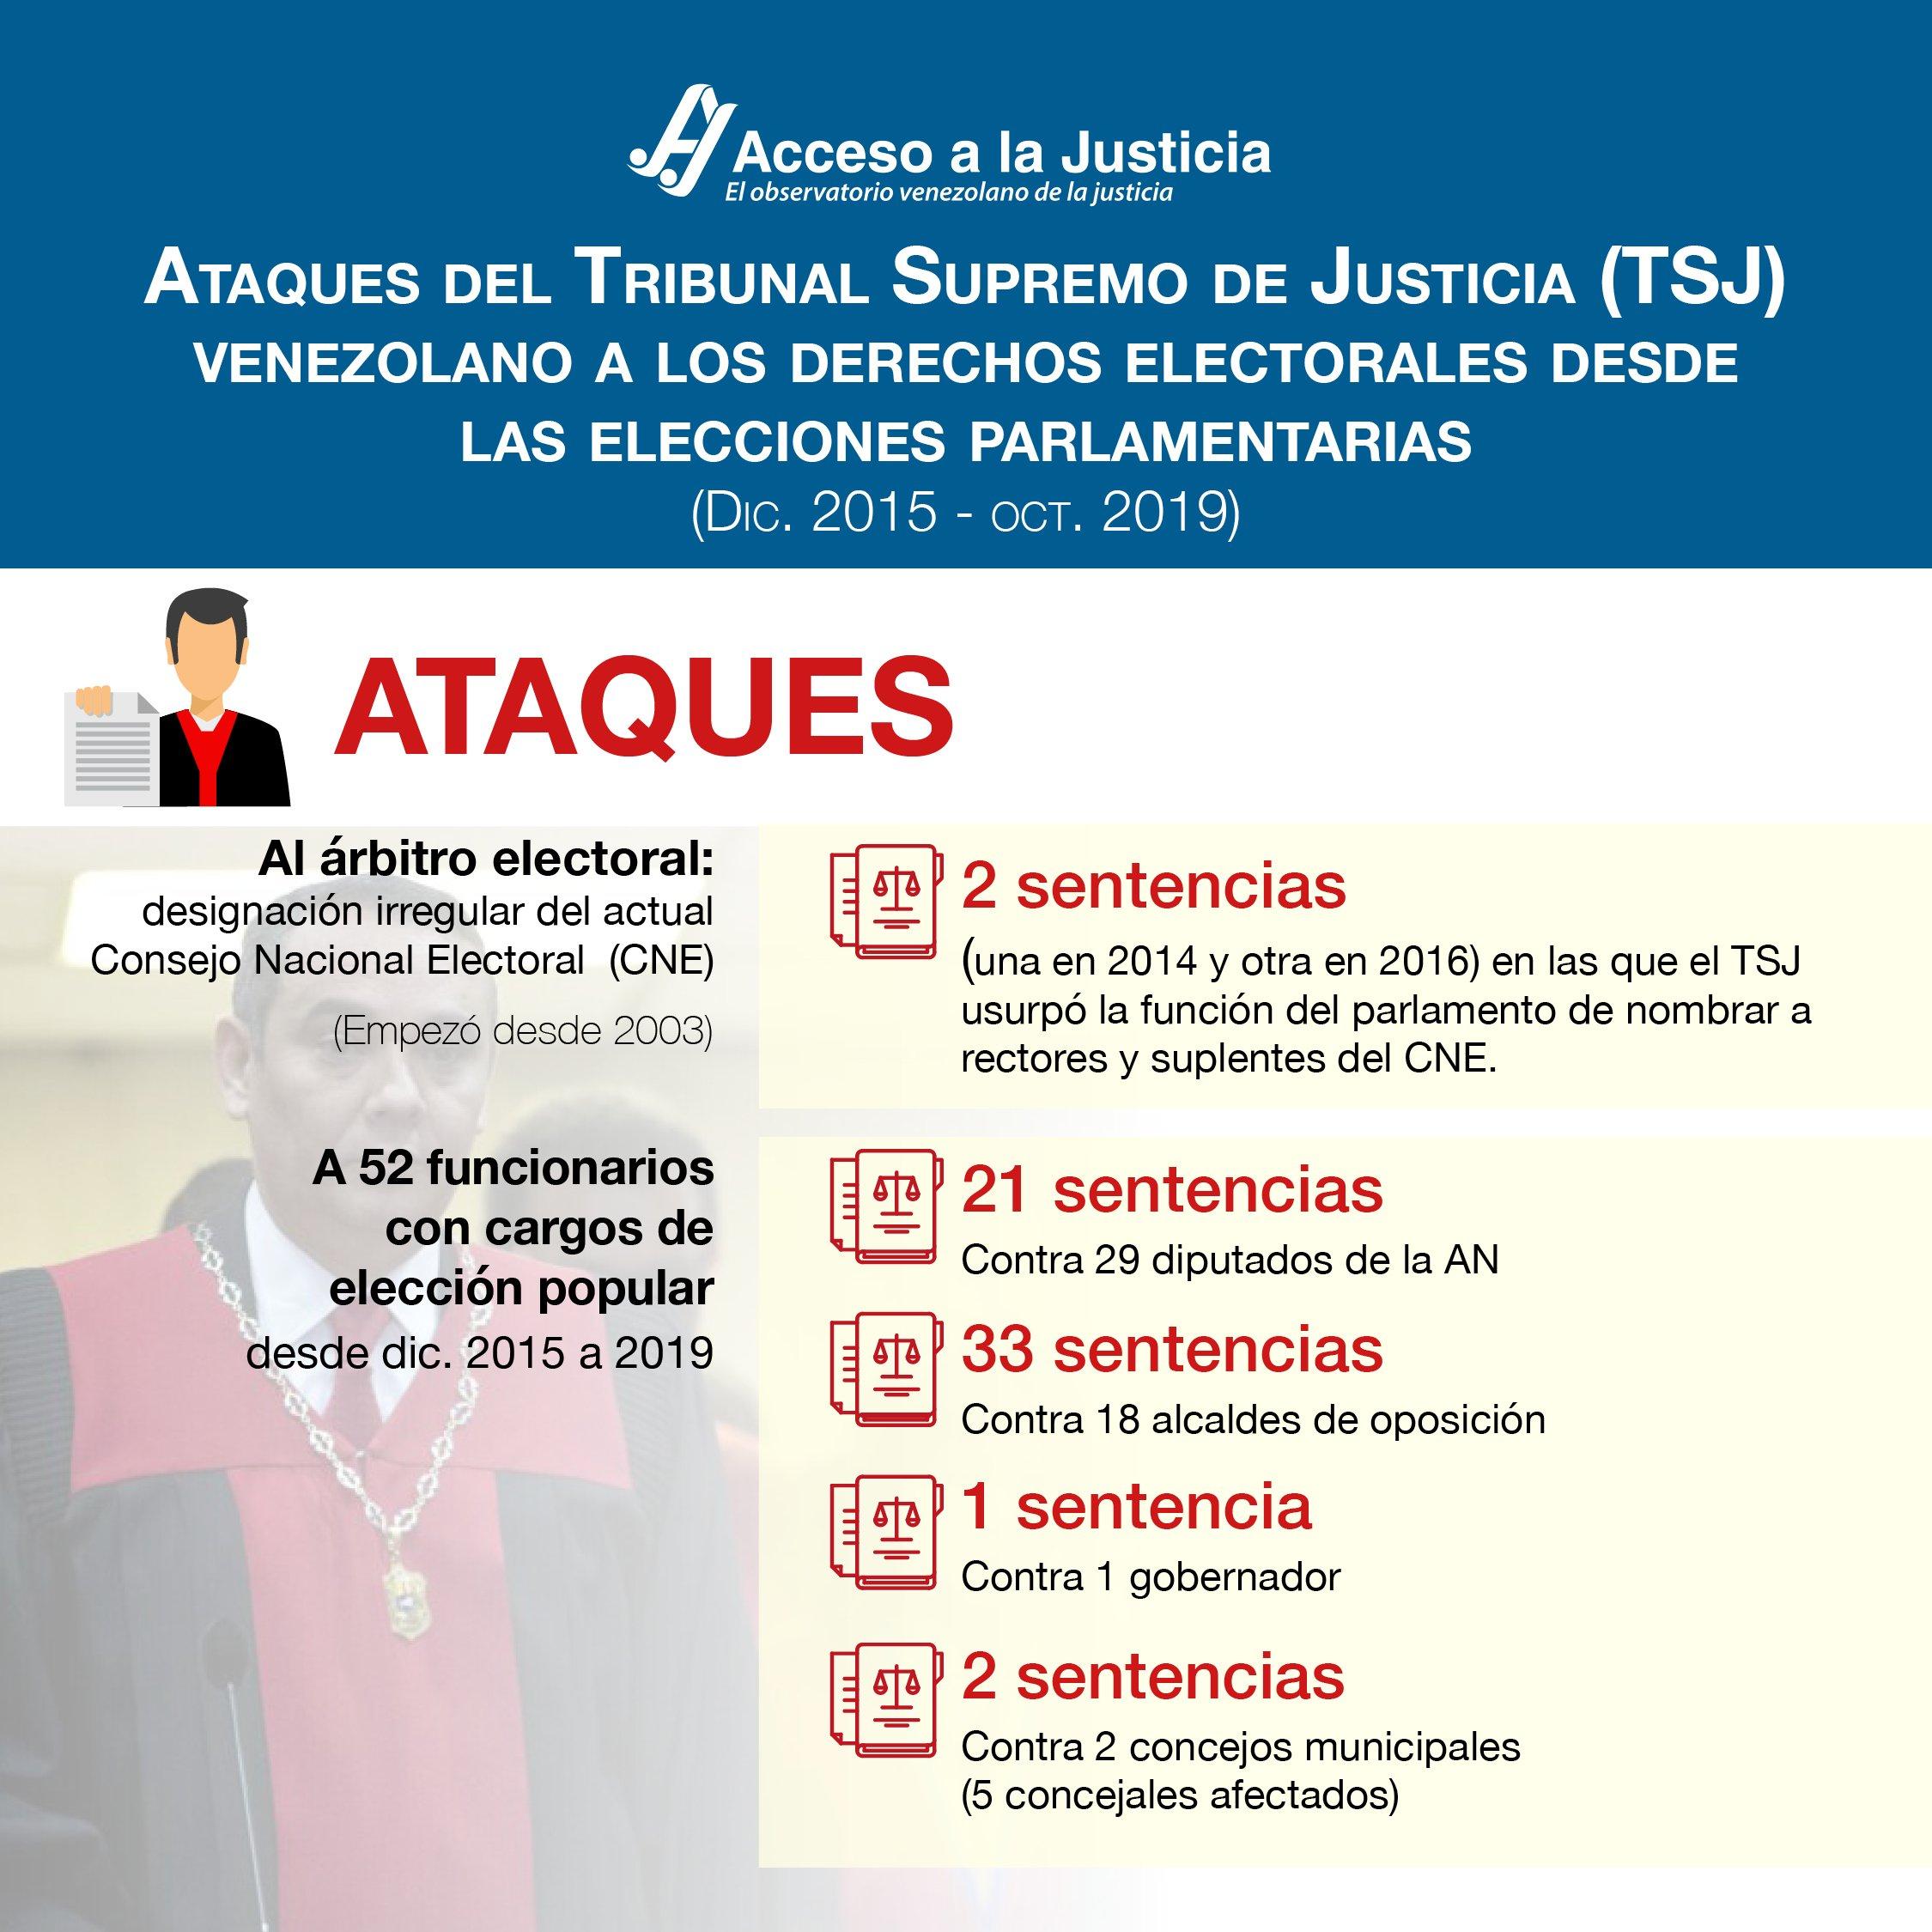 Ataques a los derechos al sufragio y a la participación política por parte del TSJ